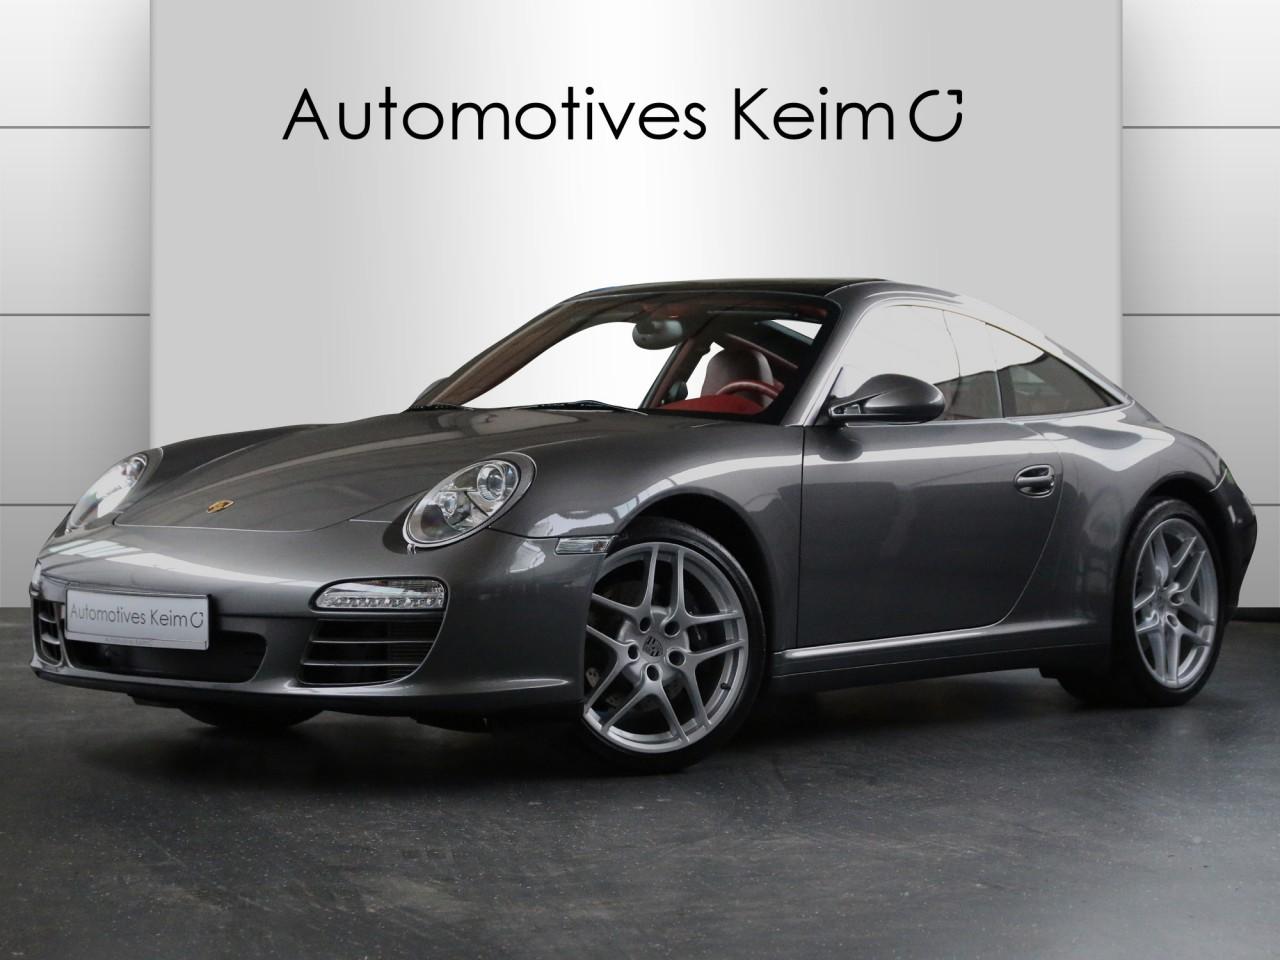 PORSCHE_911_997_Automotives_Keim_GmbH_63500_Seligenstadt_www.automotives-keim.de_oliver_keim_000025